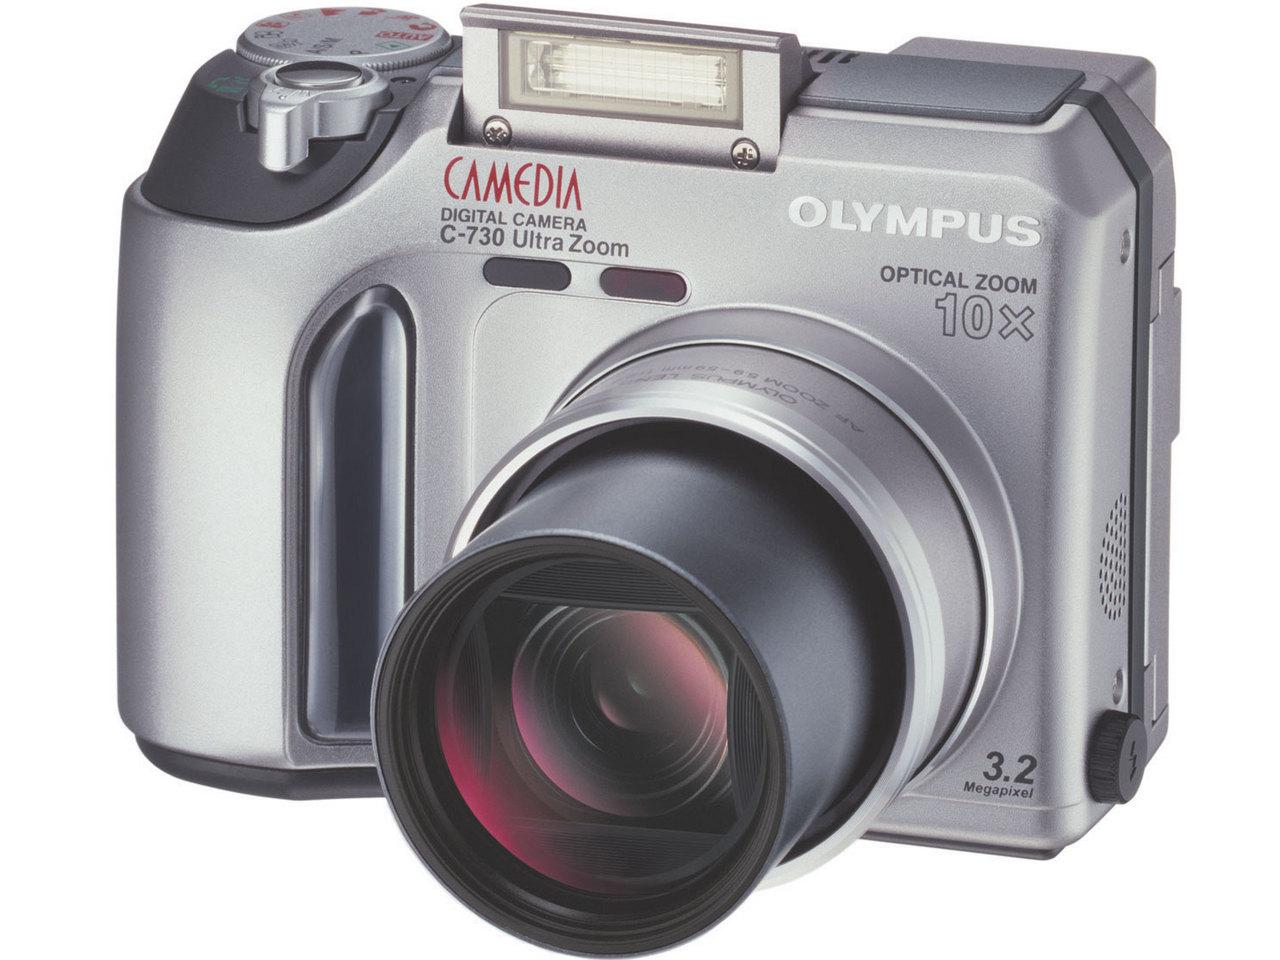 『本体 正面3』 CAMEDIA C-730 Ultra Zoom の製品画像